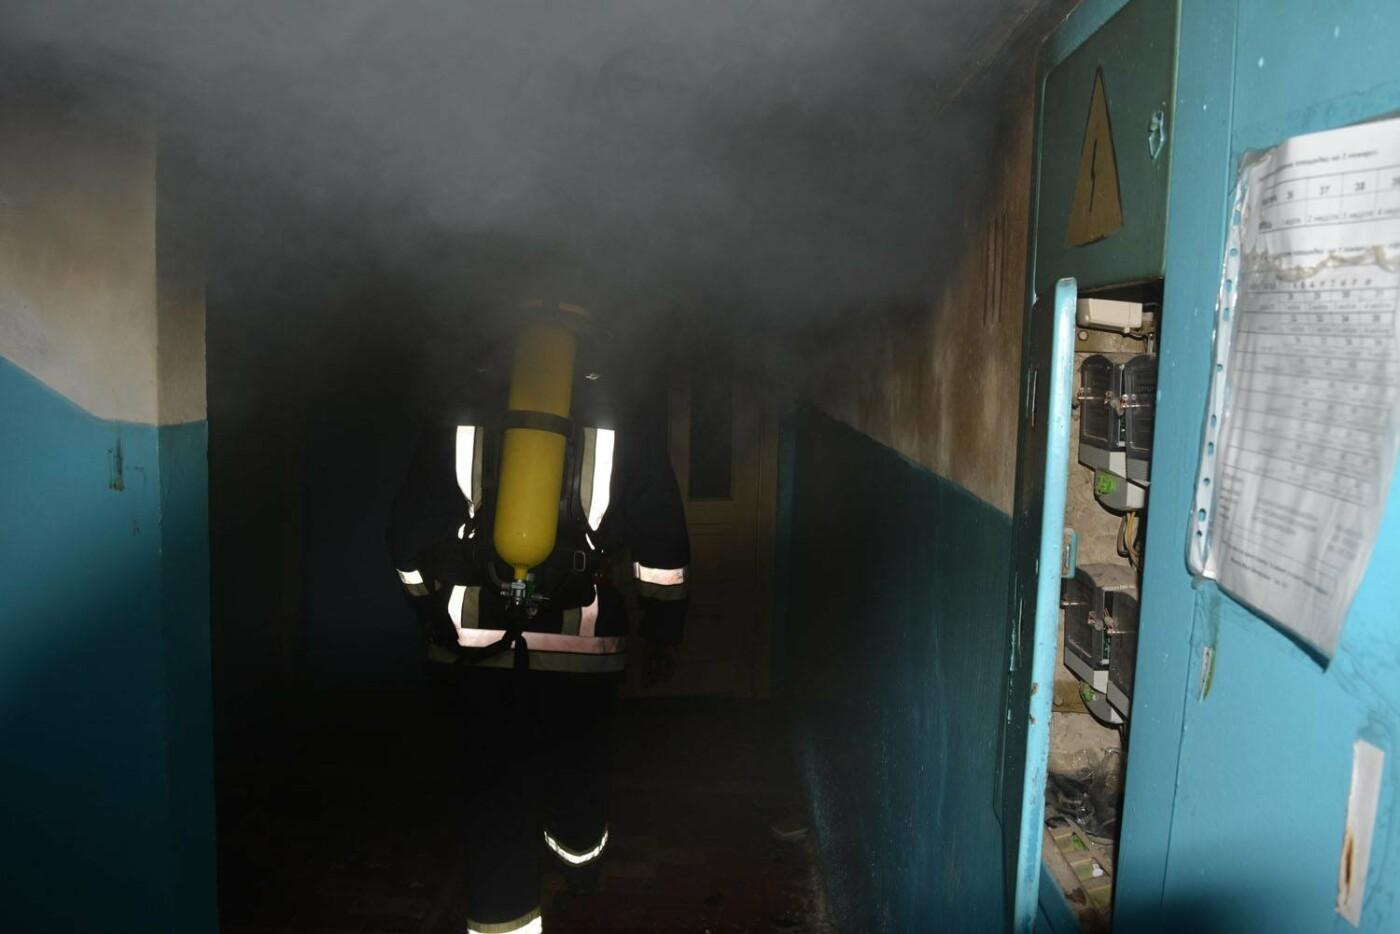 Через пожежу у багатоповерхівці на Годинки в Ужгороді евакуювали 20 чоловік, згоріли 2 кімнати (ФОТО, ВІДЕО, УСІ ПОДРОБИЦІ), фото-2